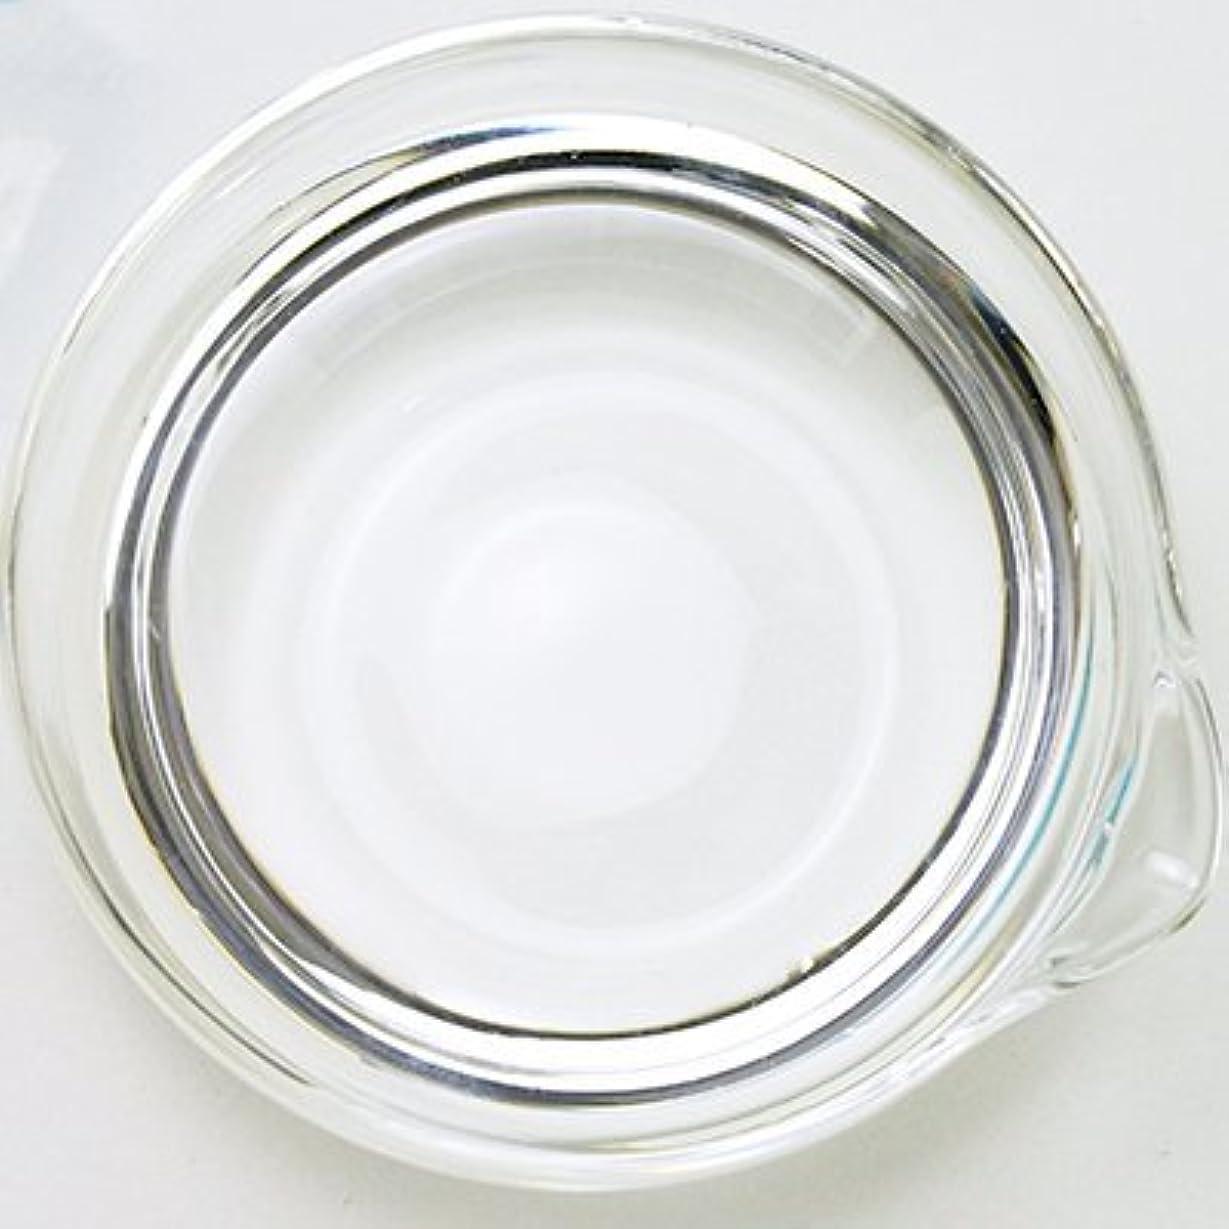 ホワイトオリーブオイル [吸着精製オリーブオイル] 50ml 【手作り石鹸/手作りコスメ/ピュアオリーブオイル】【birth】